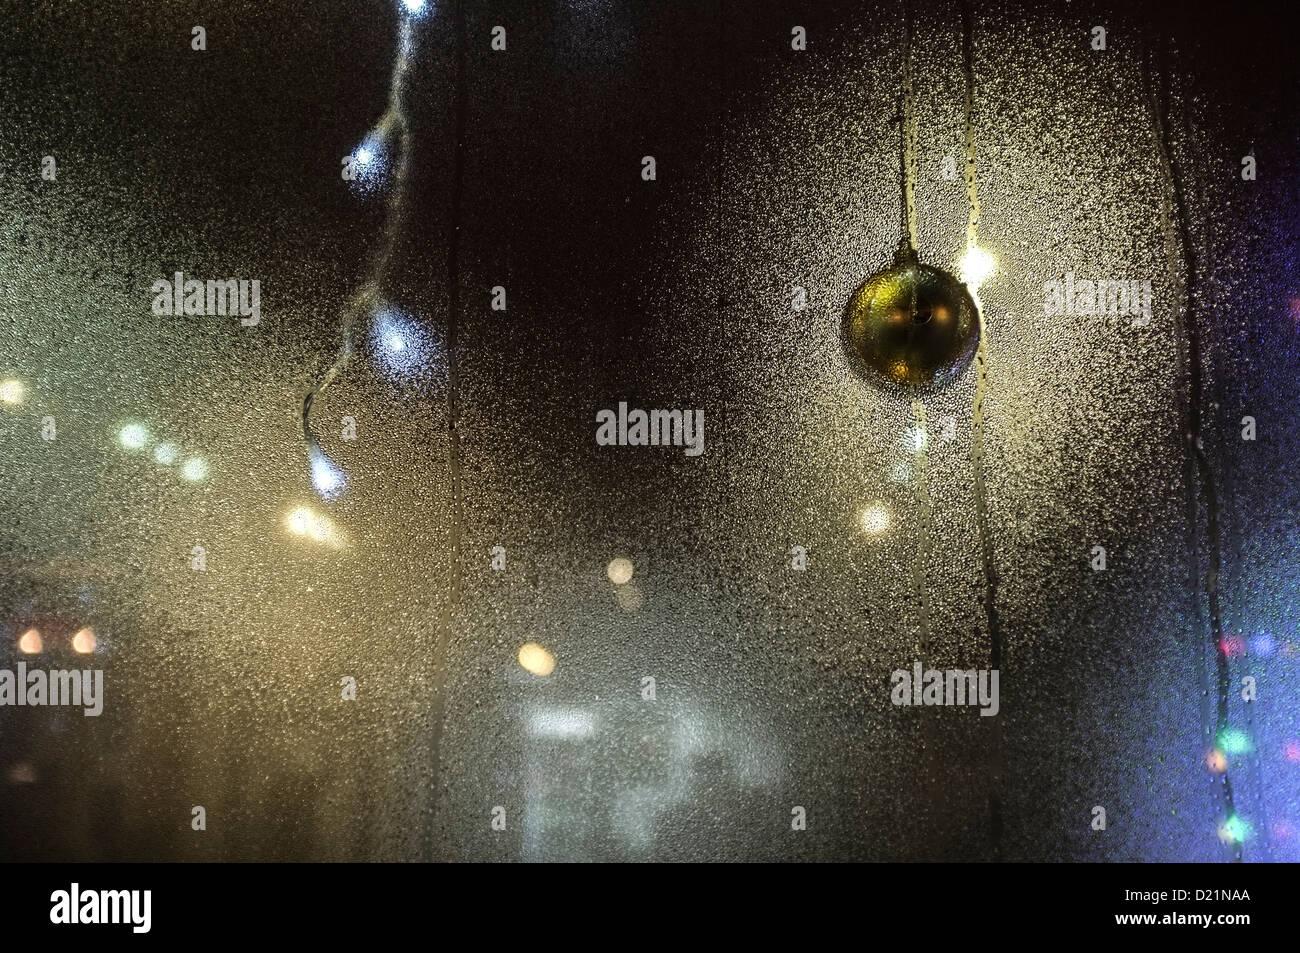 La condensation sur une vitrine, avec un éclairage brillant par mousseux rougeoyant, nuit, UK Photo Stock